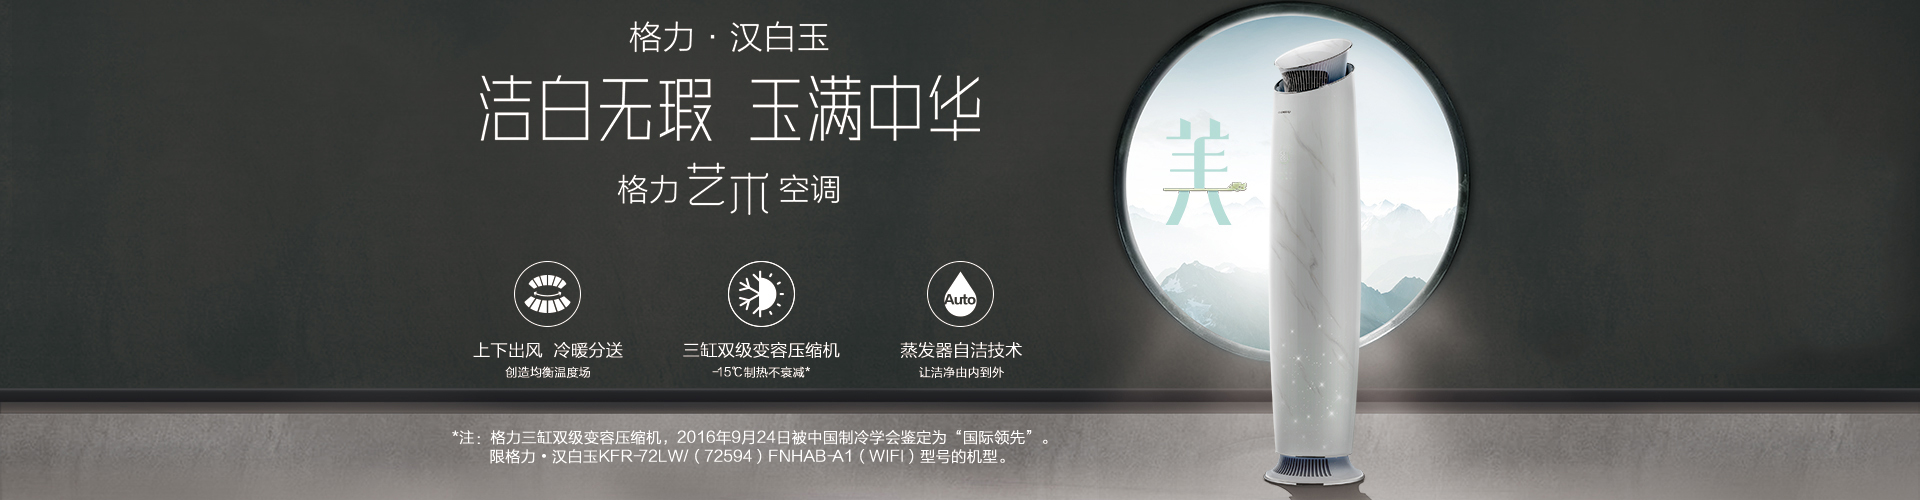 云南格力柜式空调